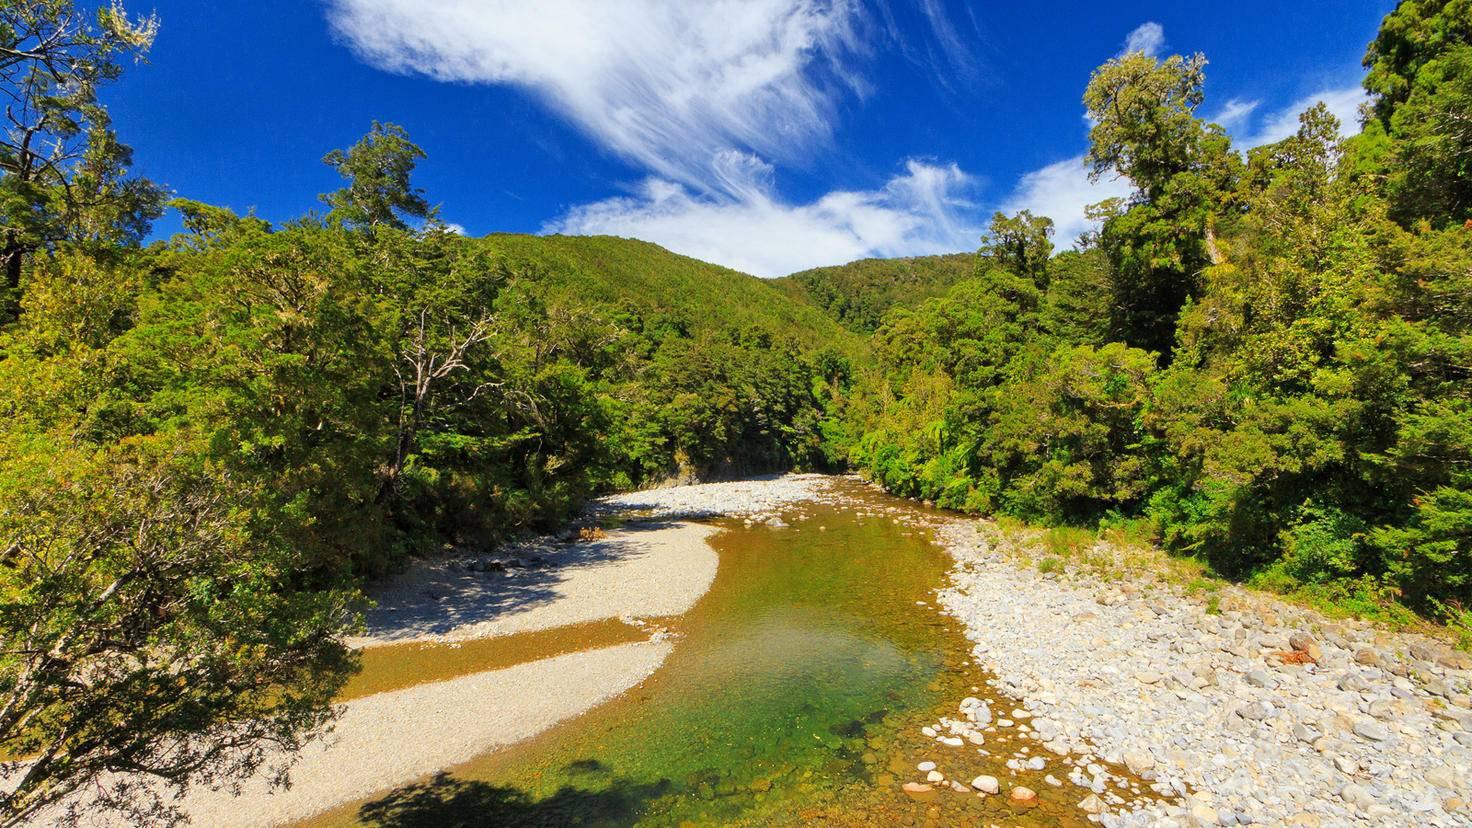 Bruchtal-Herr der Ringe Drehorte-Neuseeland-Anna Gorin-GettyImages-509849675